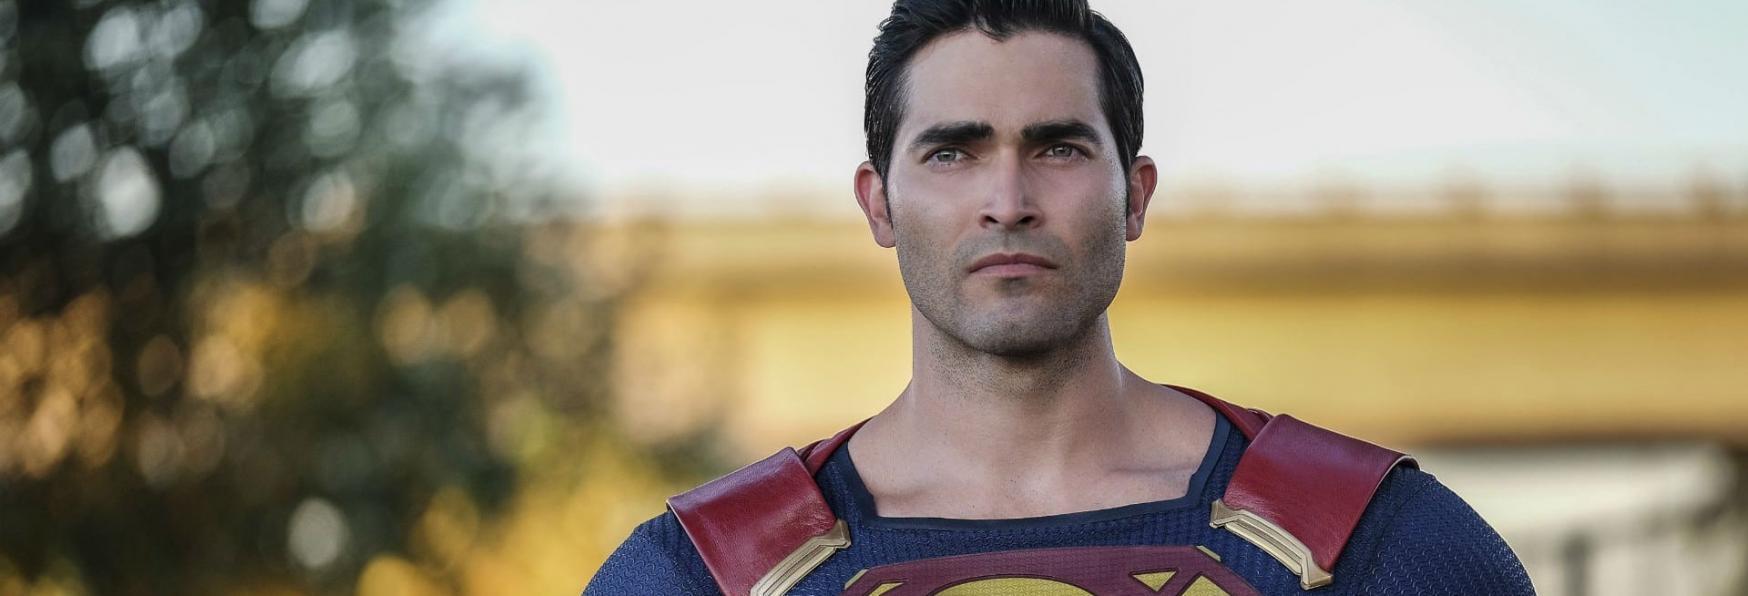 Superman & Lois: la Serie TV Inedita nel Trailer degli Show dell'Arrowverse